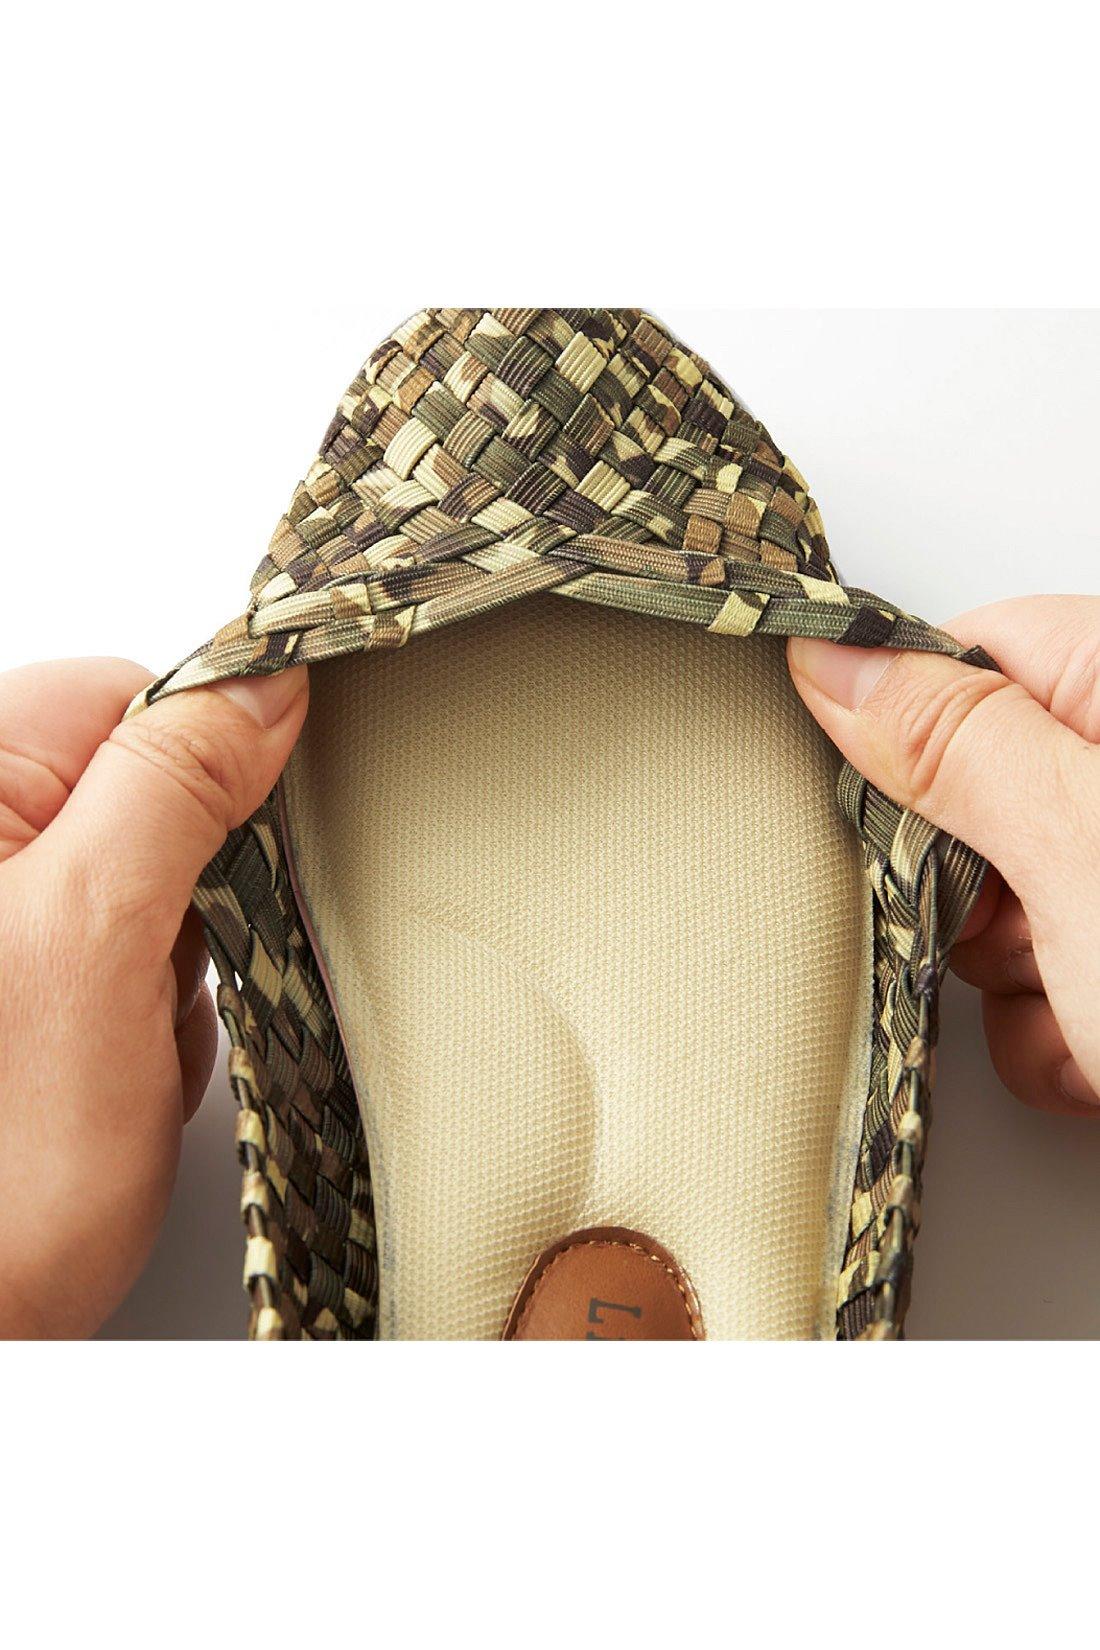 ムレにくく涼しい、編み編みの総ゴムメッシュ仕様。らくらく伸びて足にやさしくフィット。